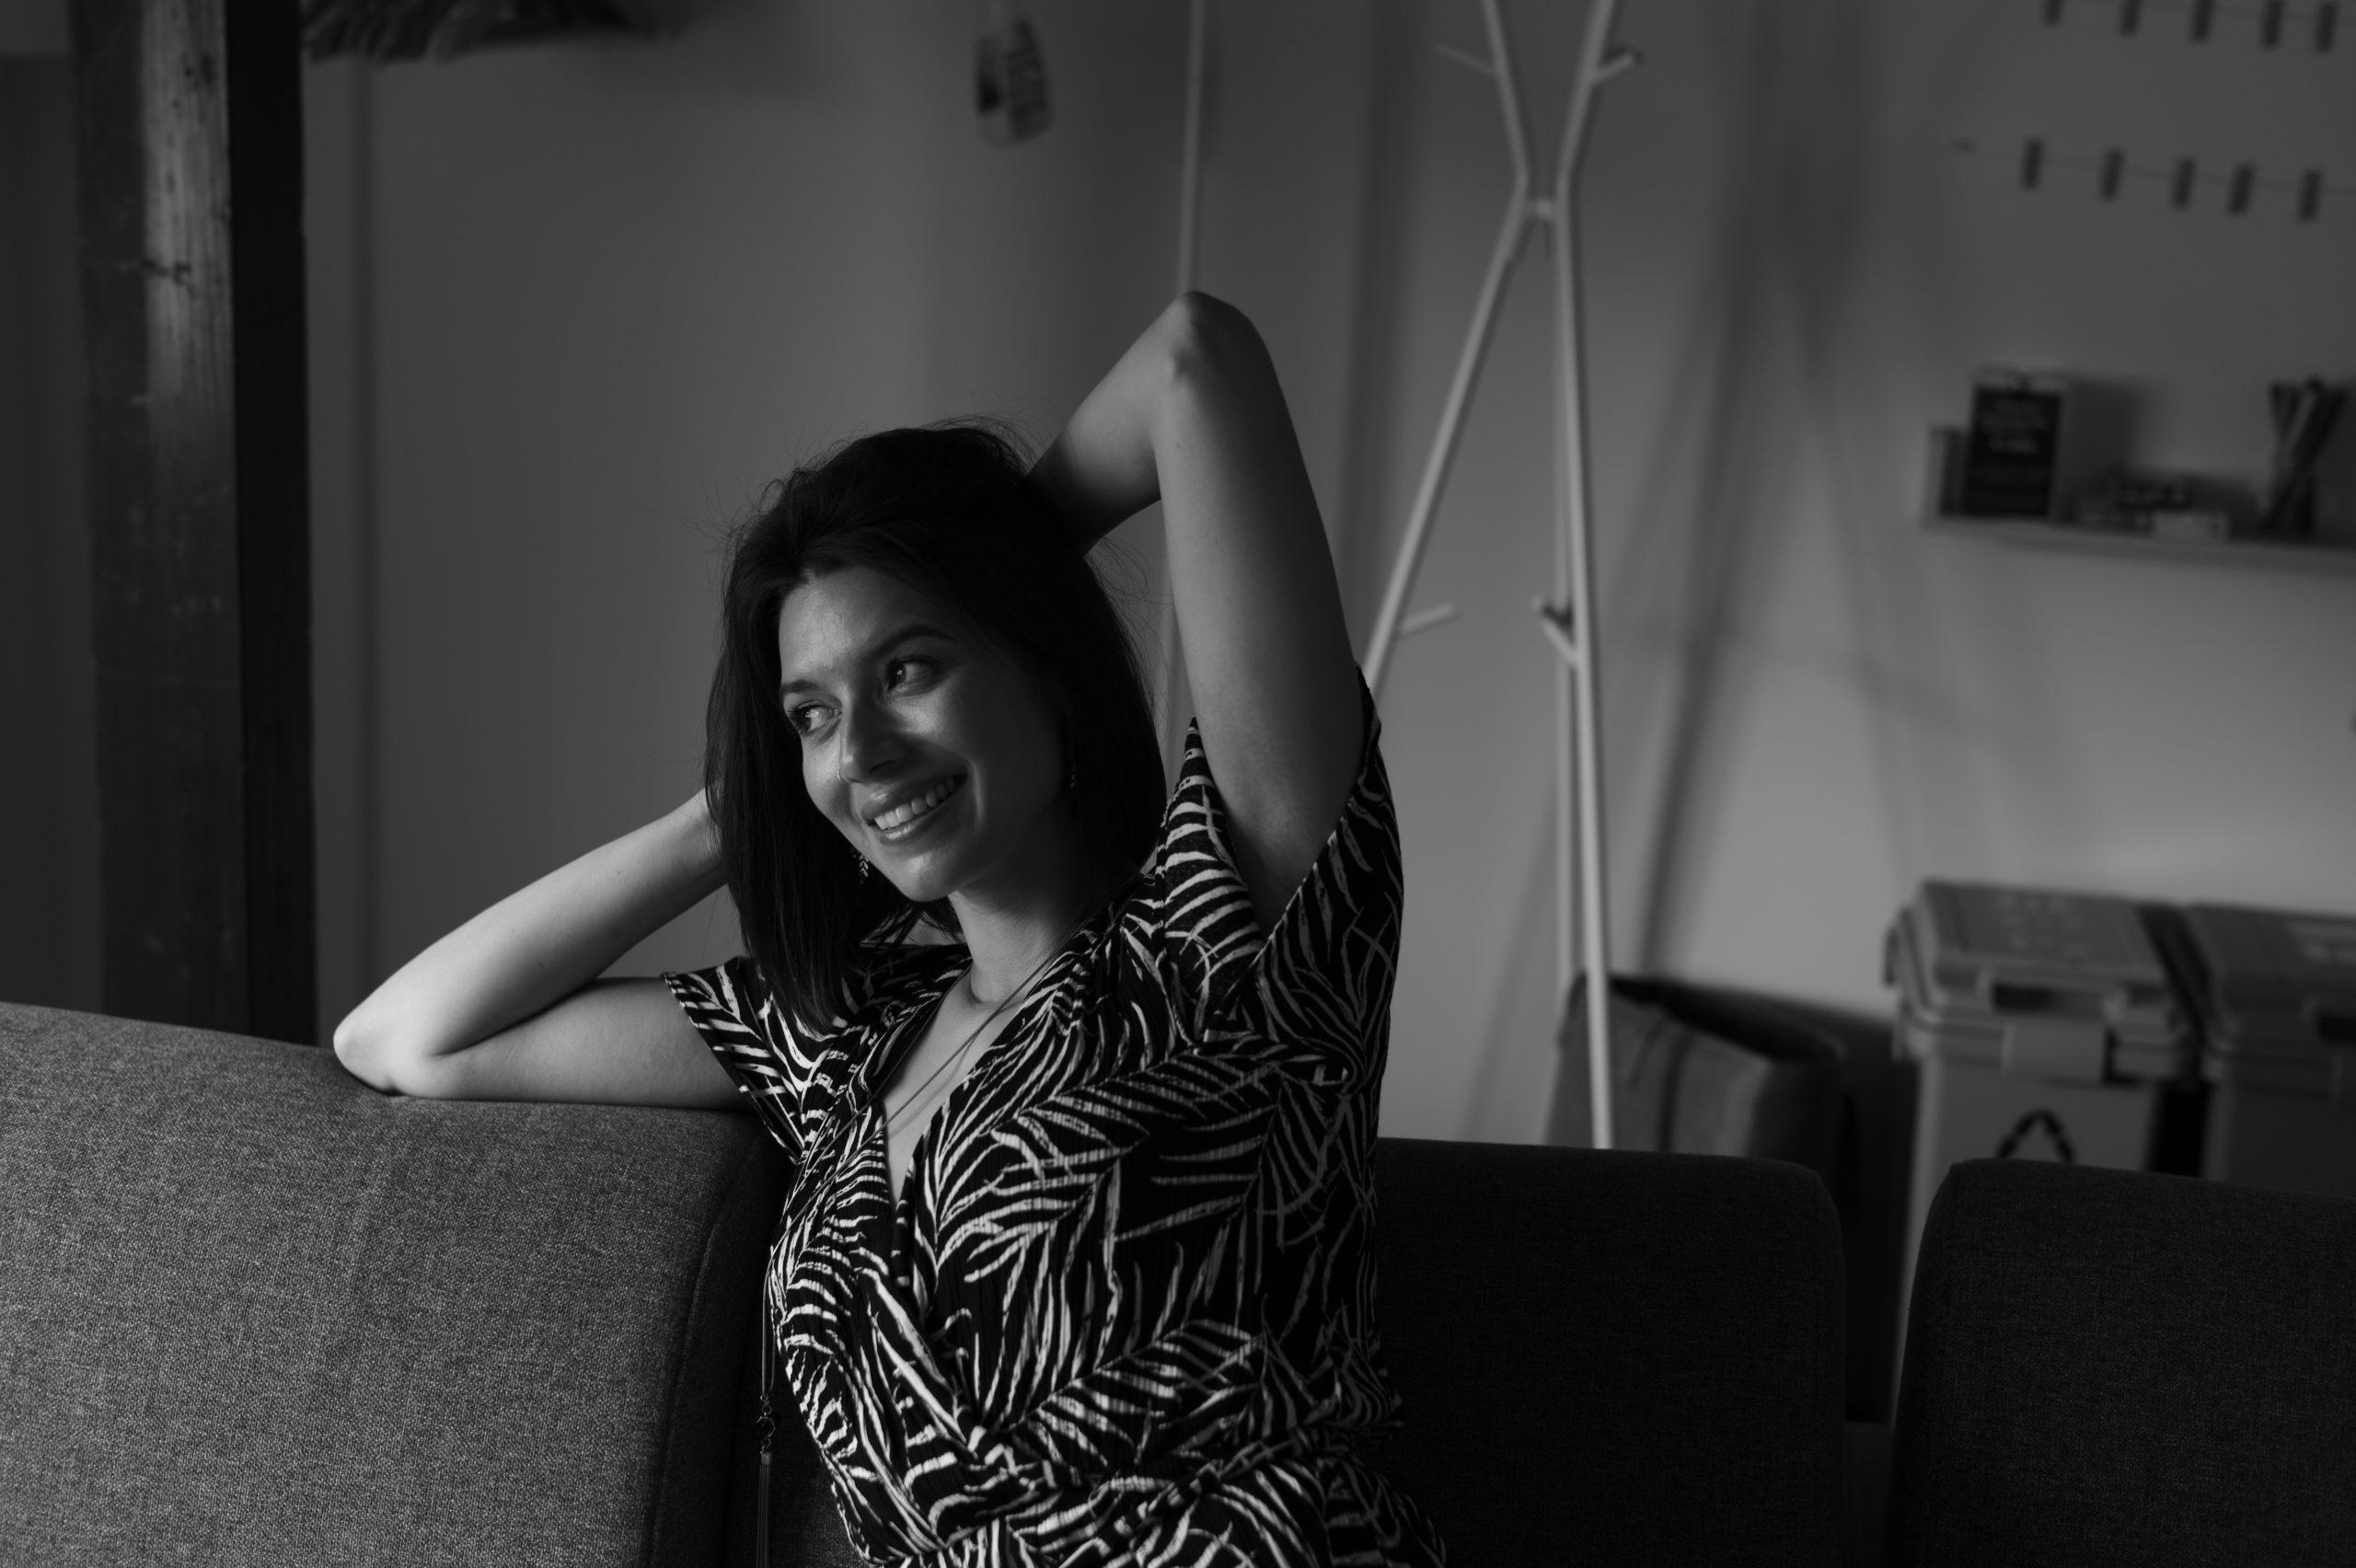 モノクロ写真 Leica Monochrome4